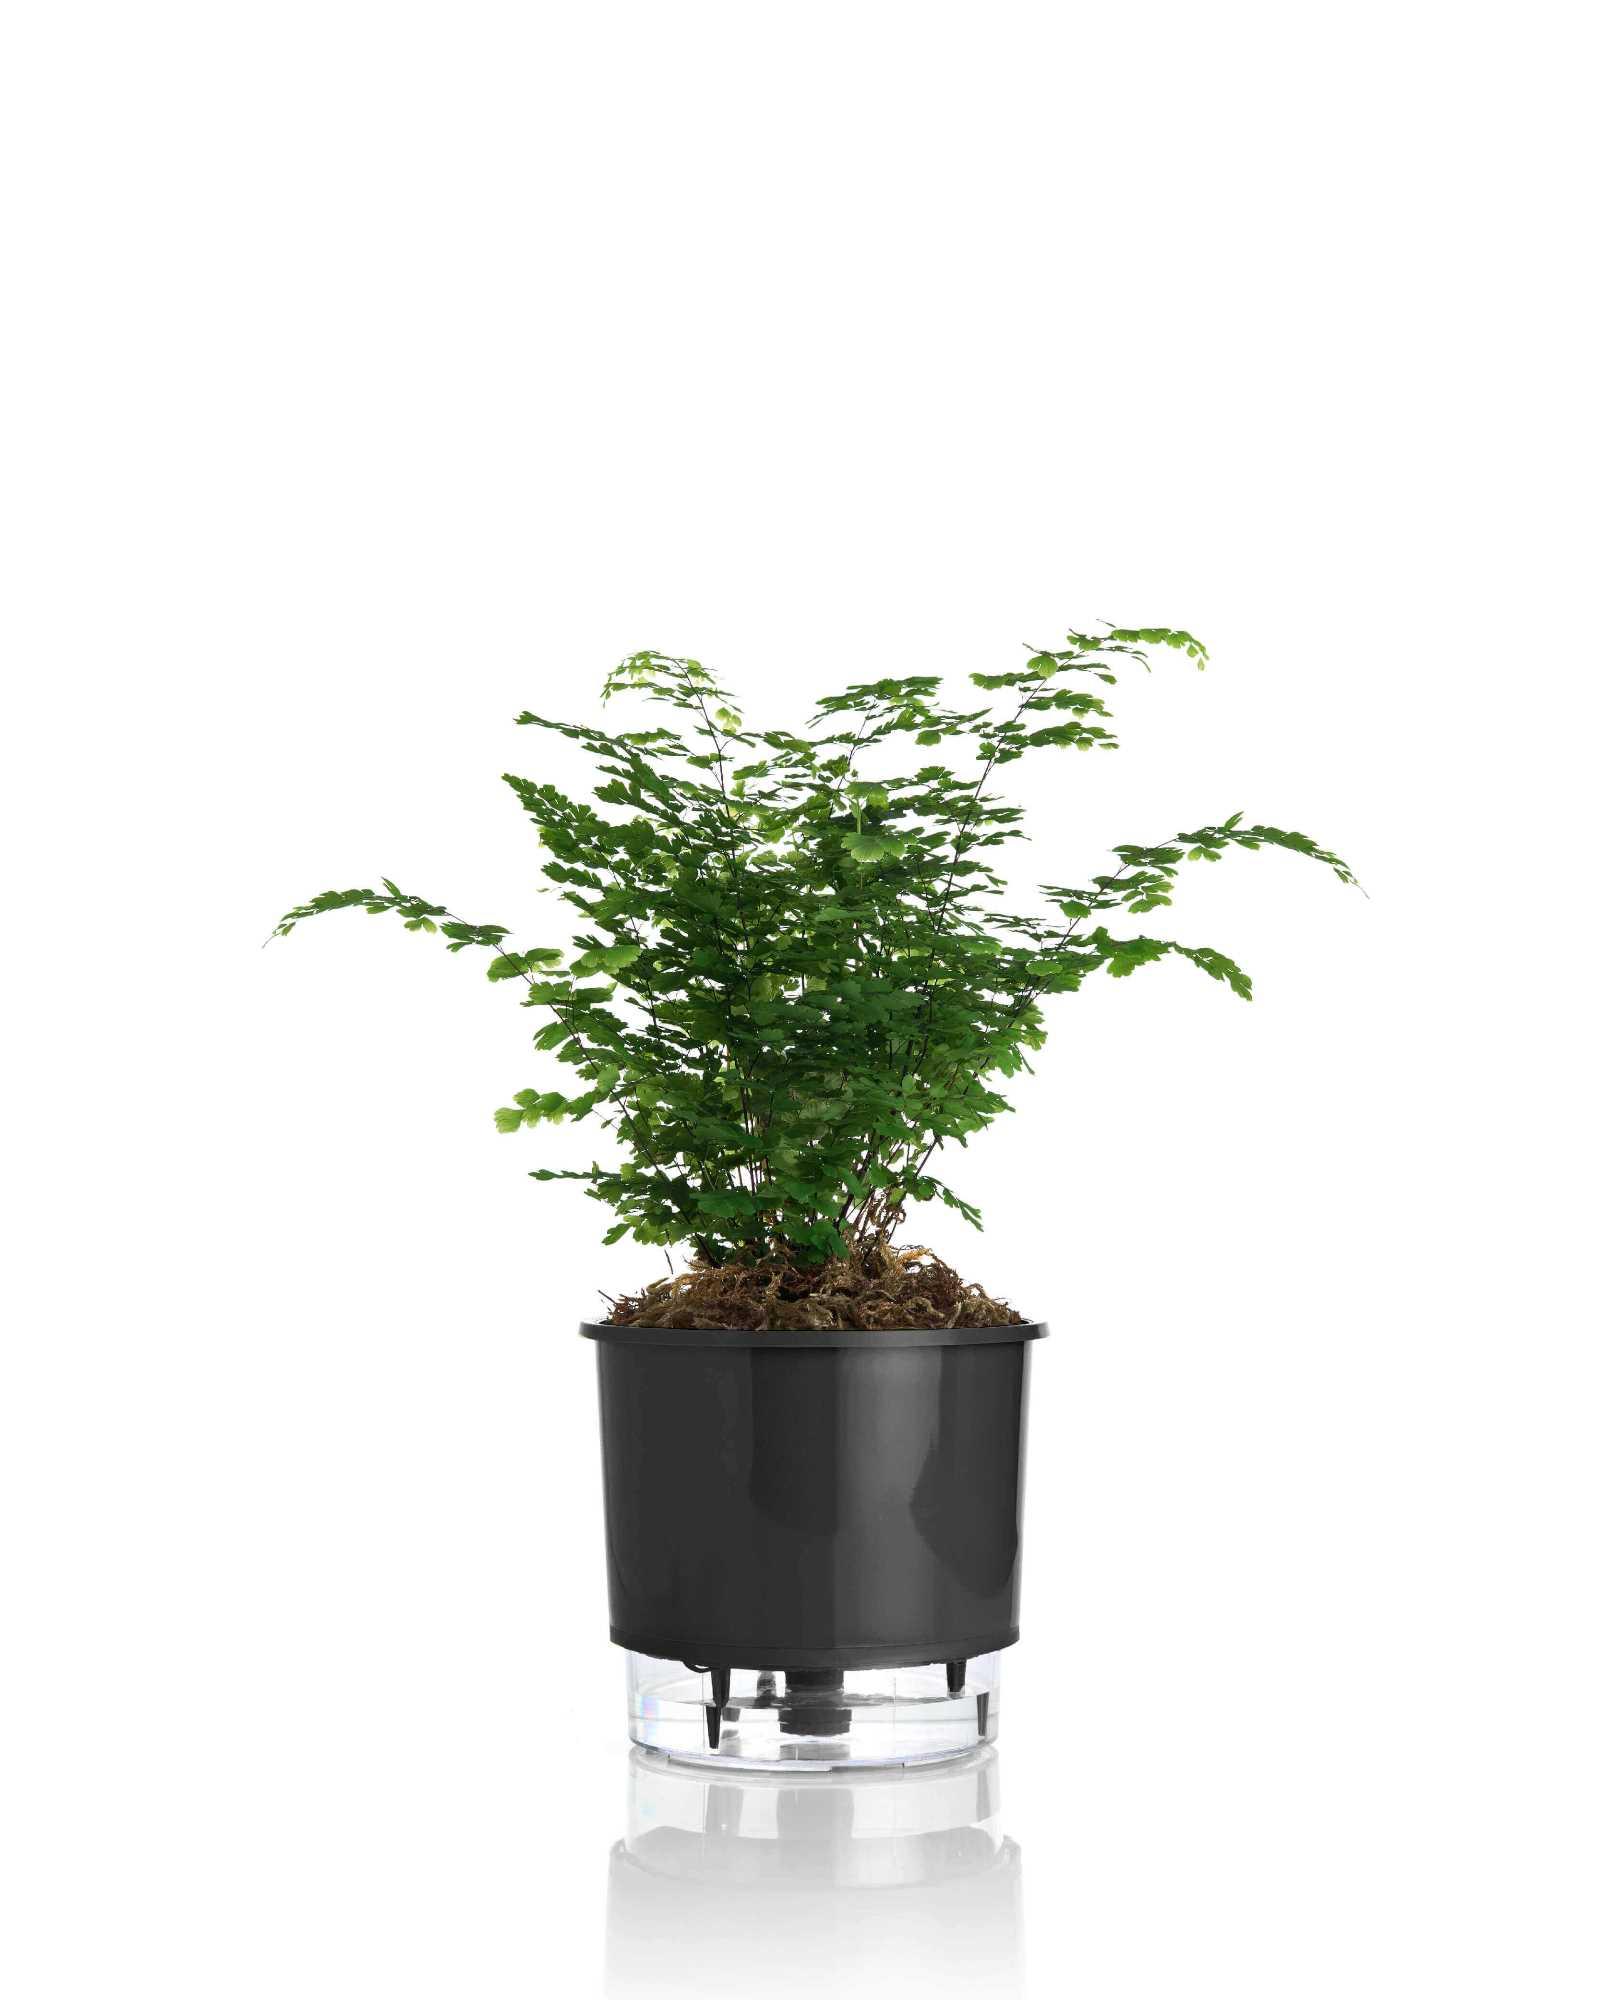 Vaso Autoirrigável Médio 16cm x 15cm N03  - Loja Raiz